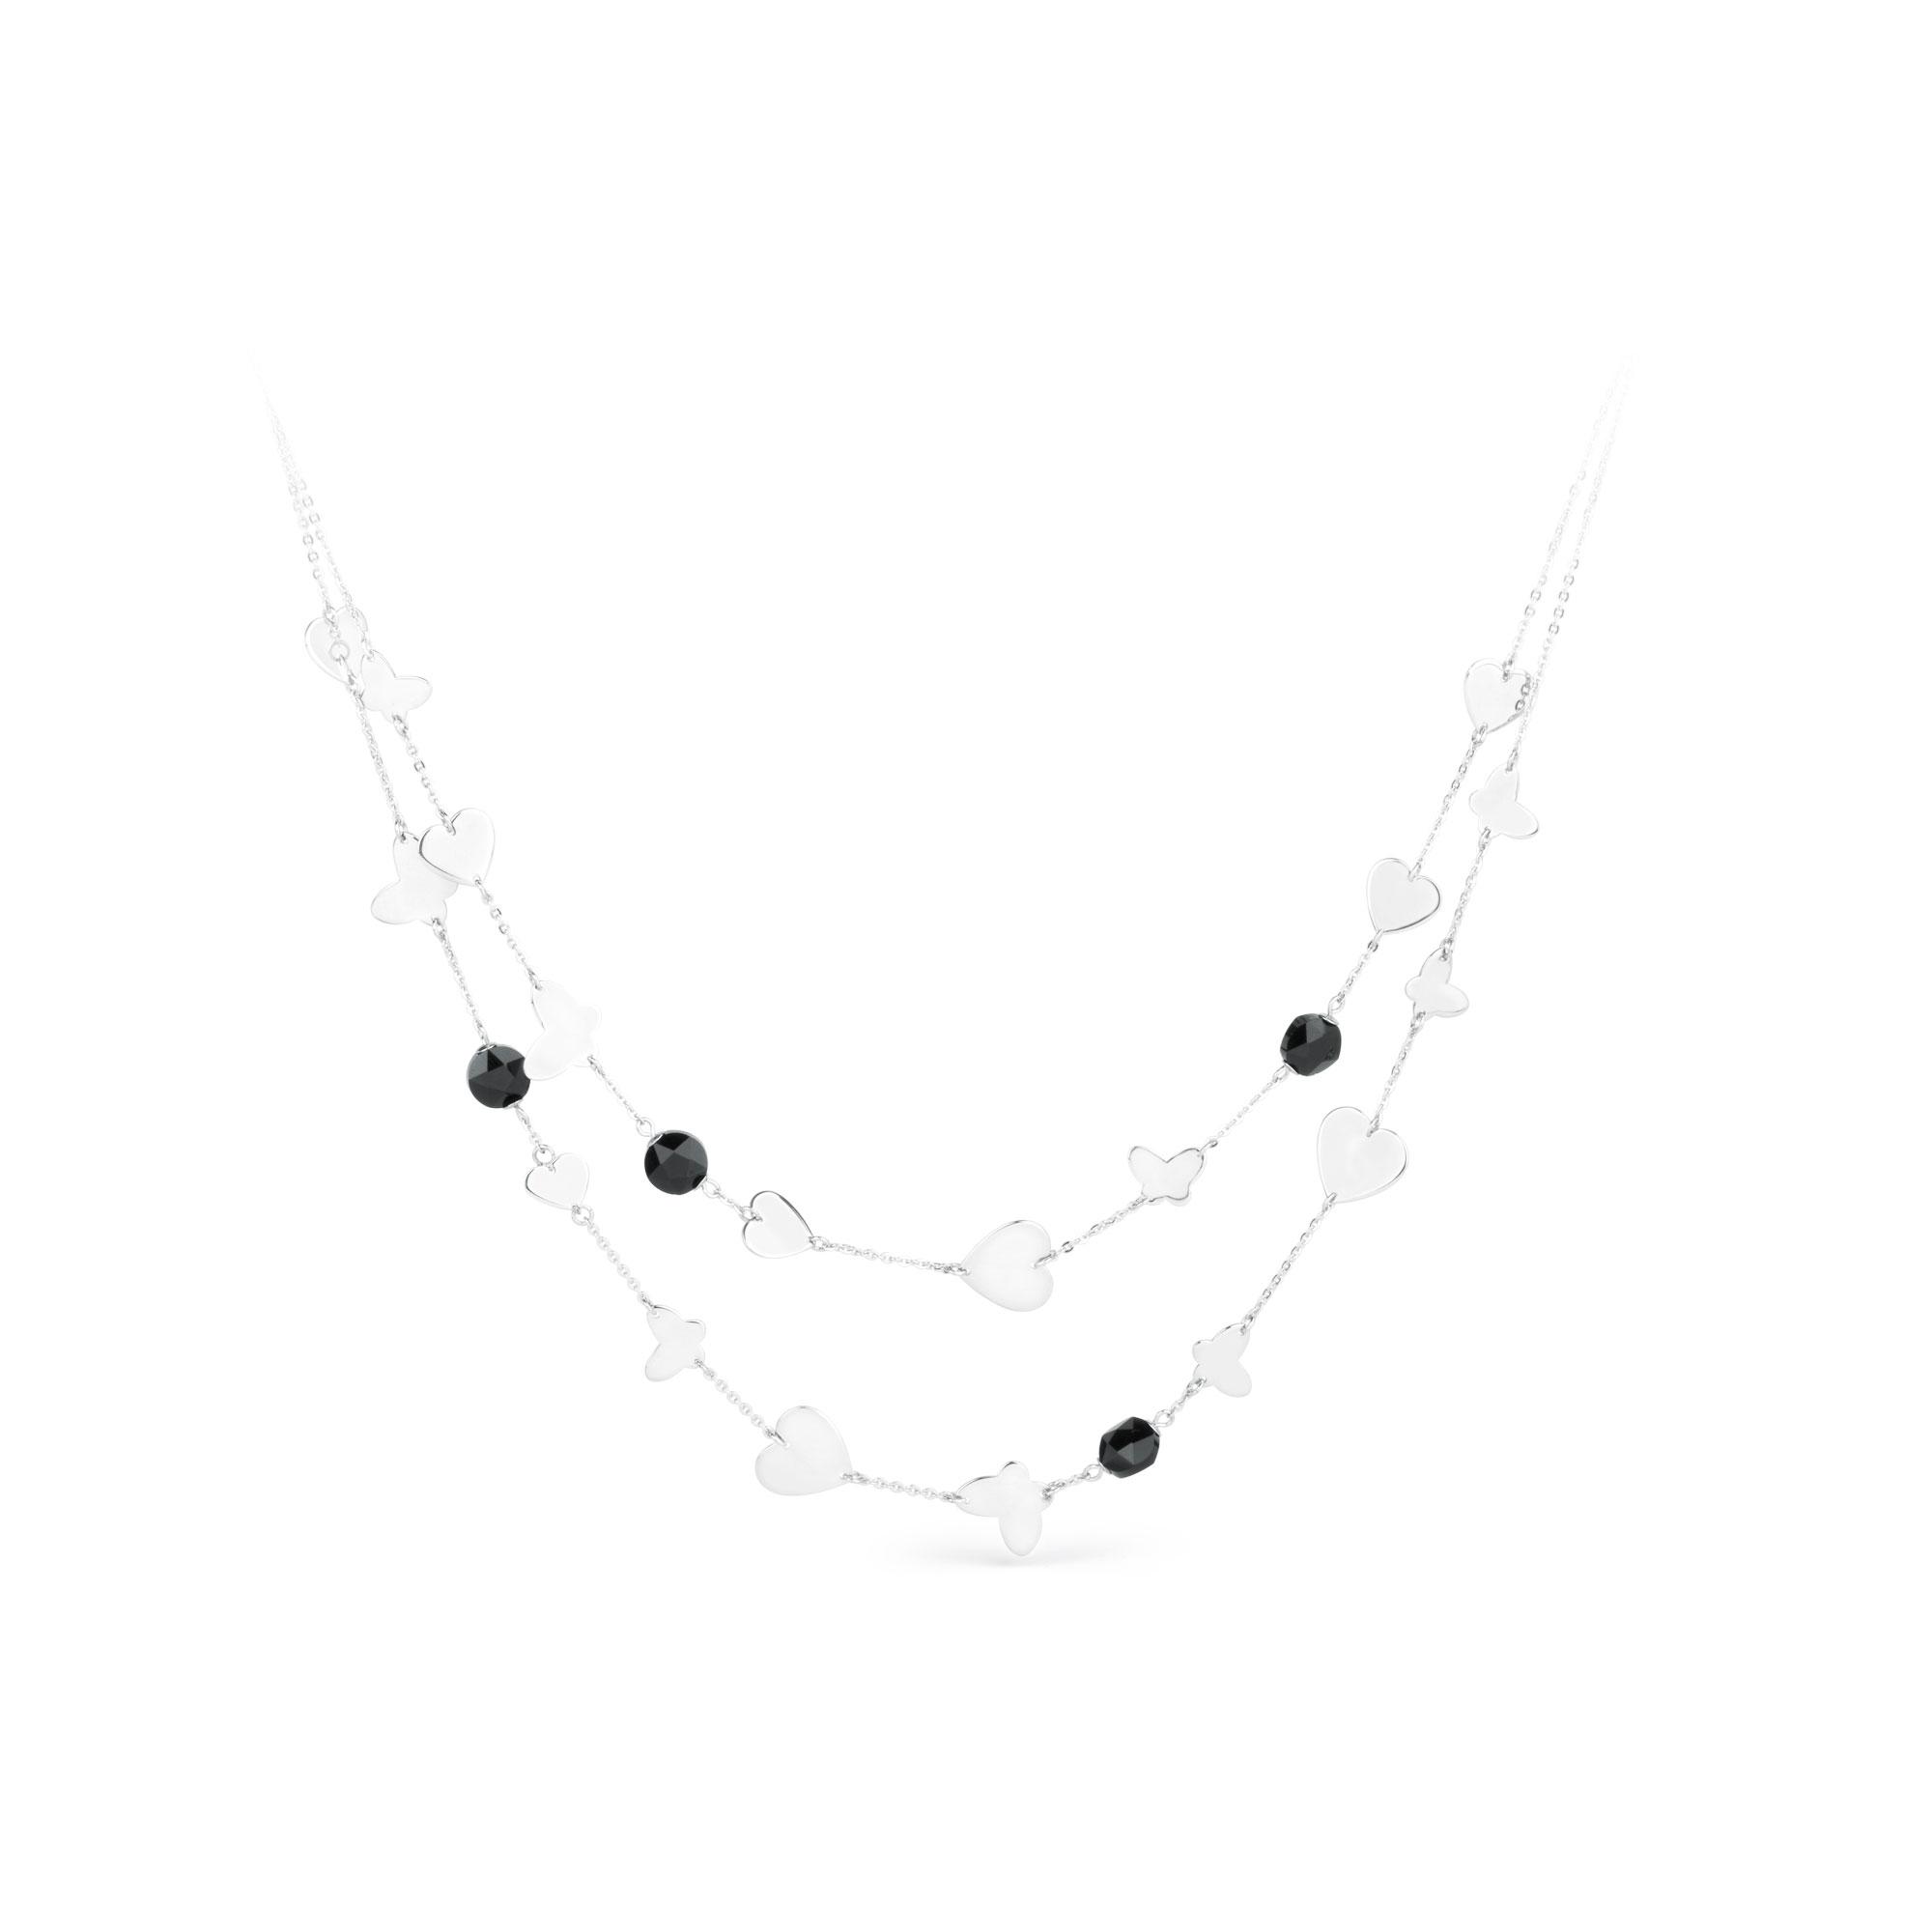 collana-sagapò-noir-cuori-farfalle-clessidra-jewels